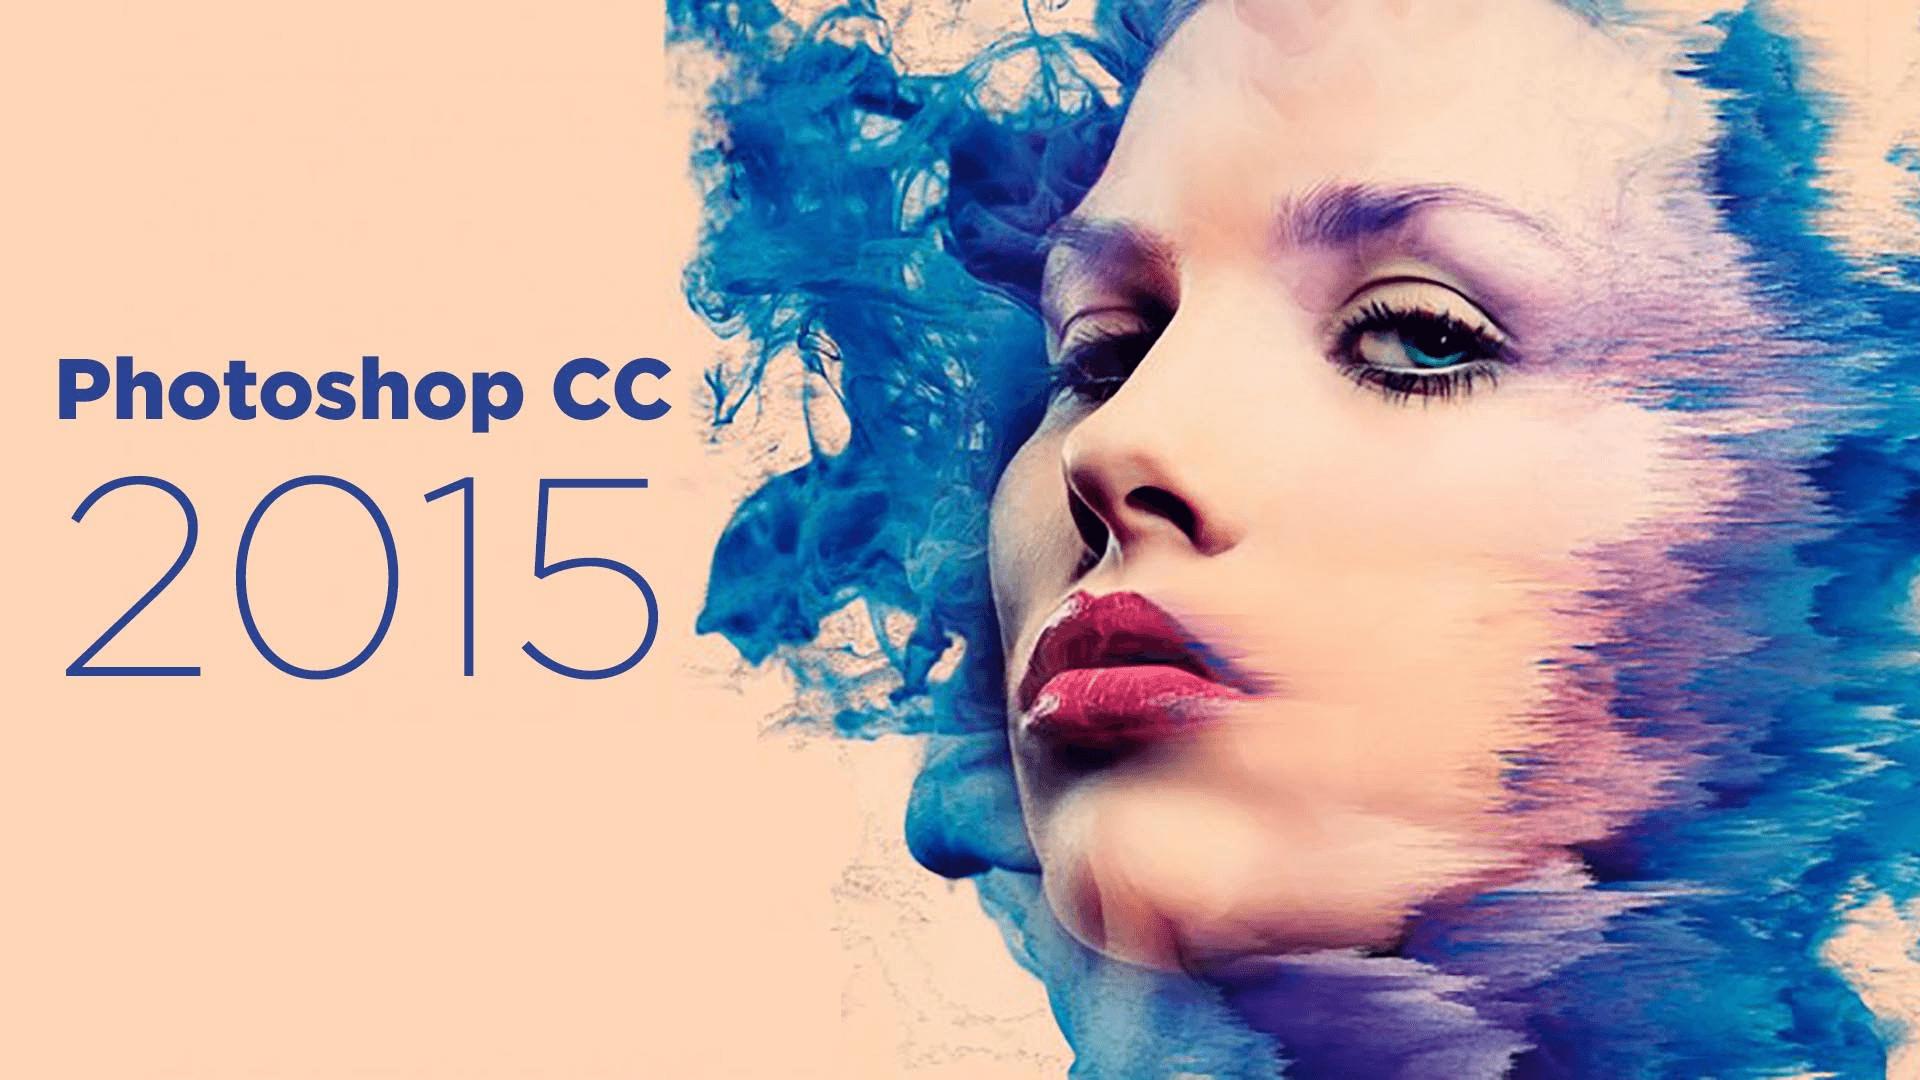 Hướng dẫn học Photoshop CC 2015 cho người mới bắt đầu